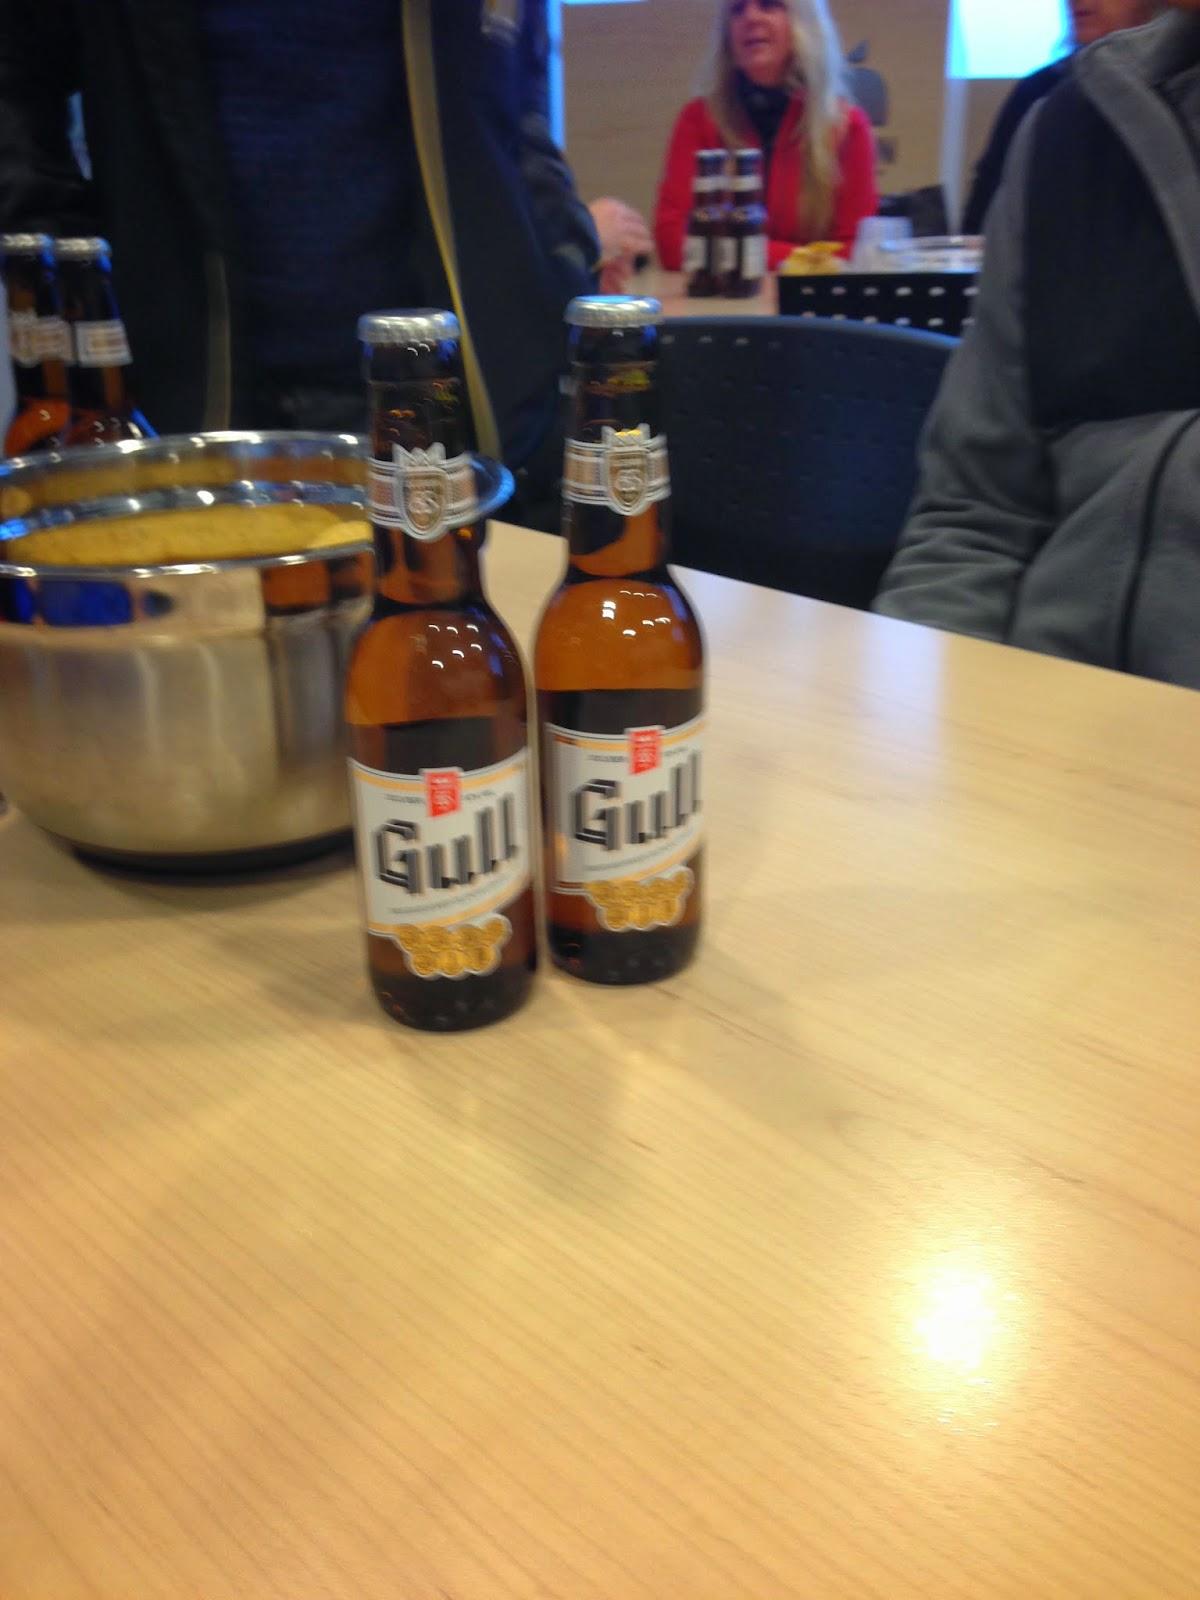 Gull beer iceland